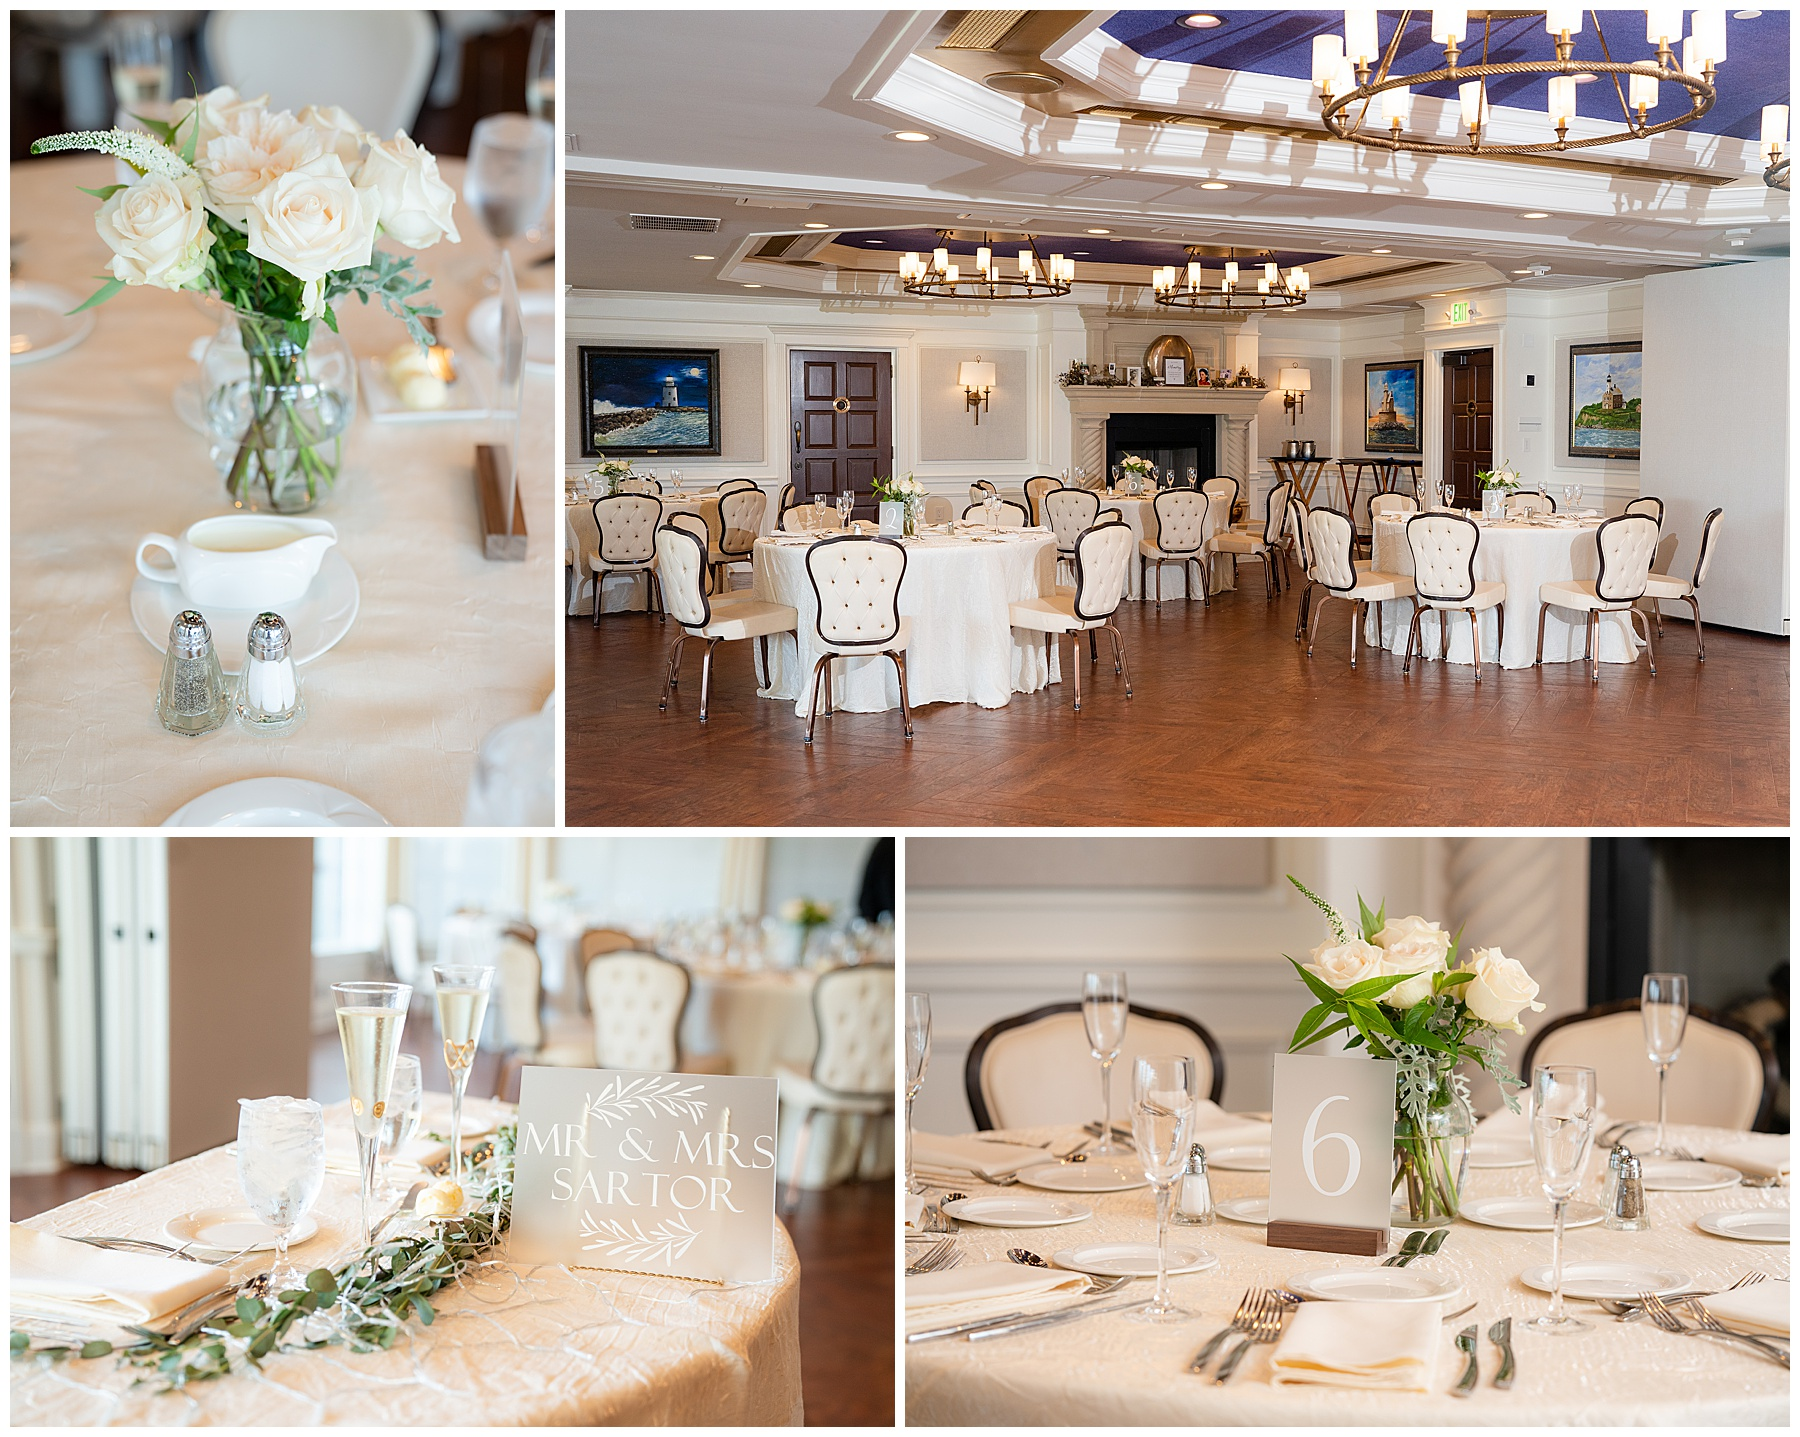 saybrook resort & marina wedding